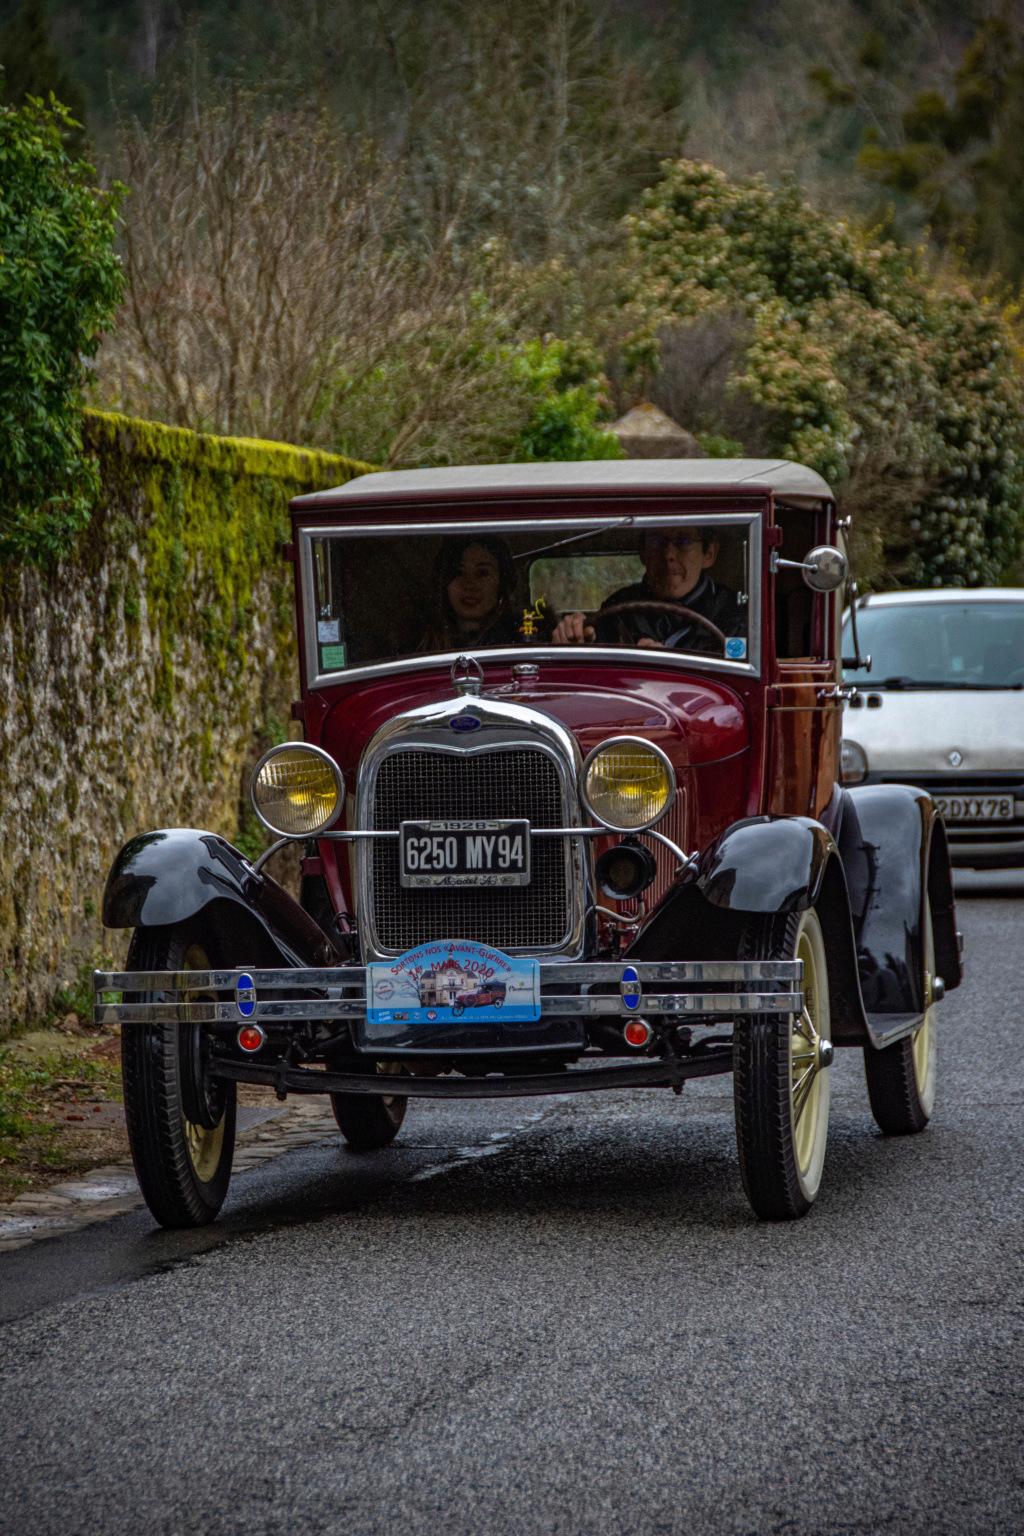 Fête des Grand-Mères Automobiles, dimanche 1er mars 2020 - Page 2 Dsc_5359